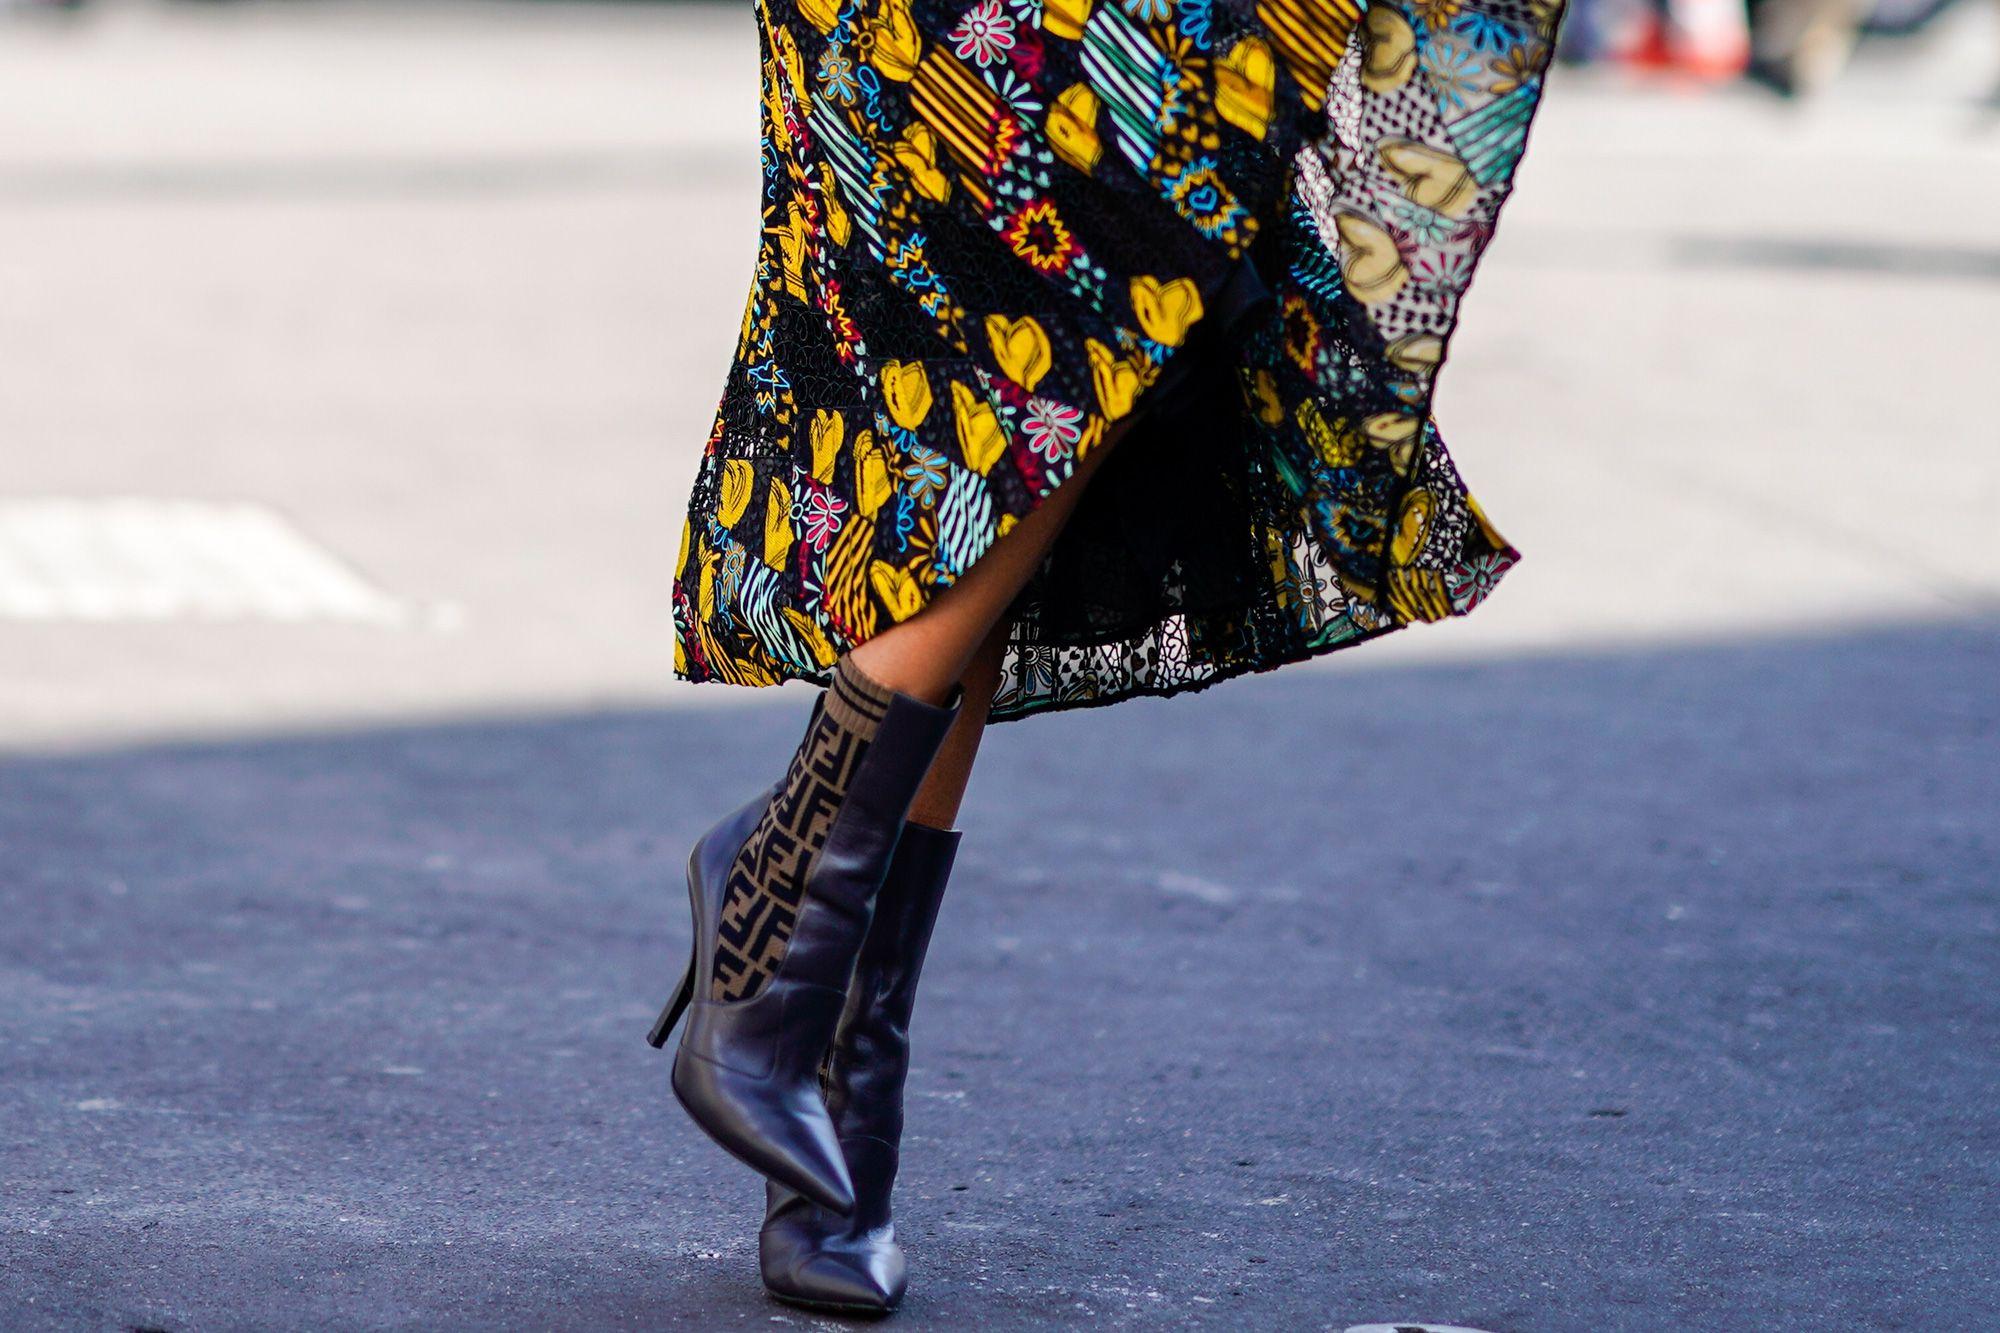 Scarpe maxi 2019 inverno 5 moda tendenze fCwrqfO